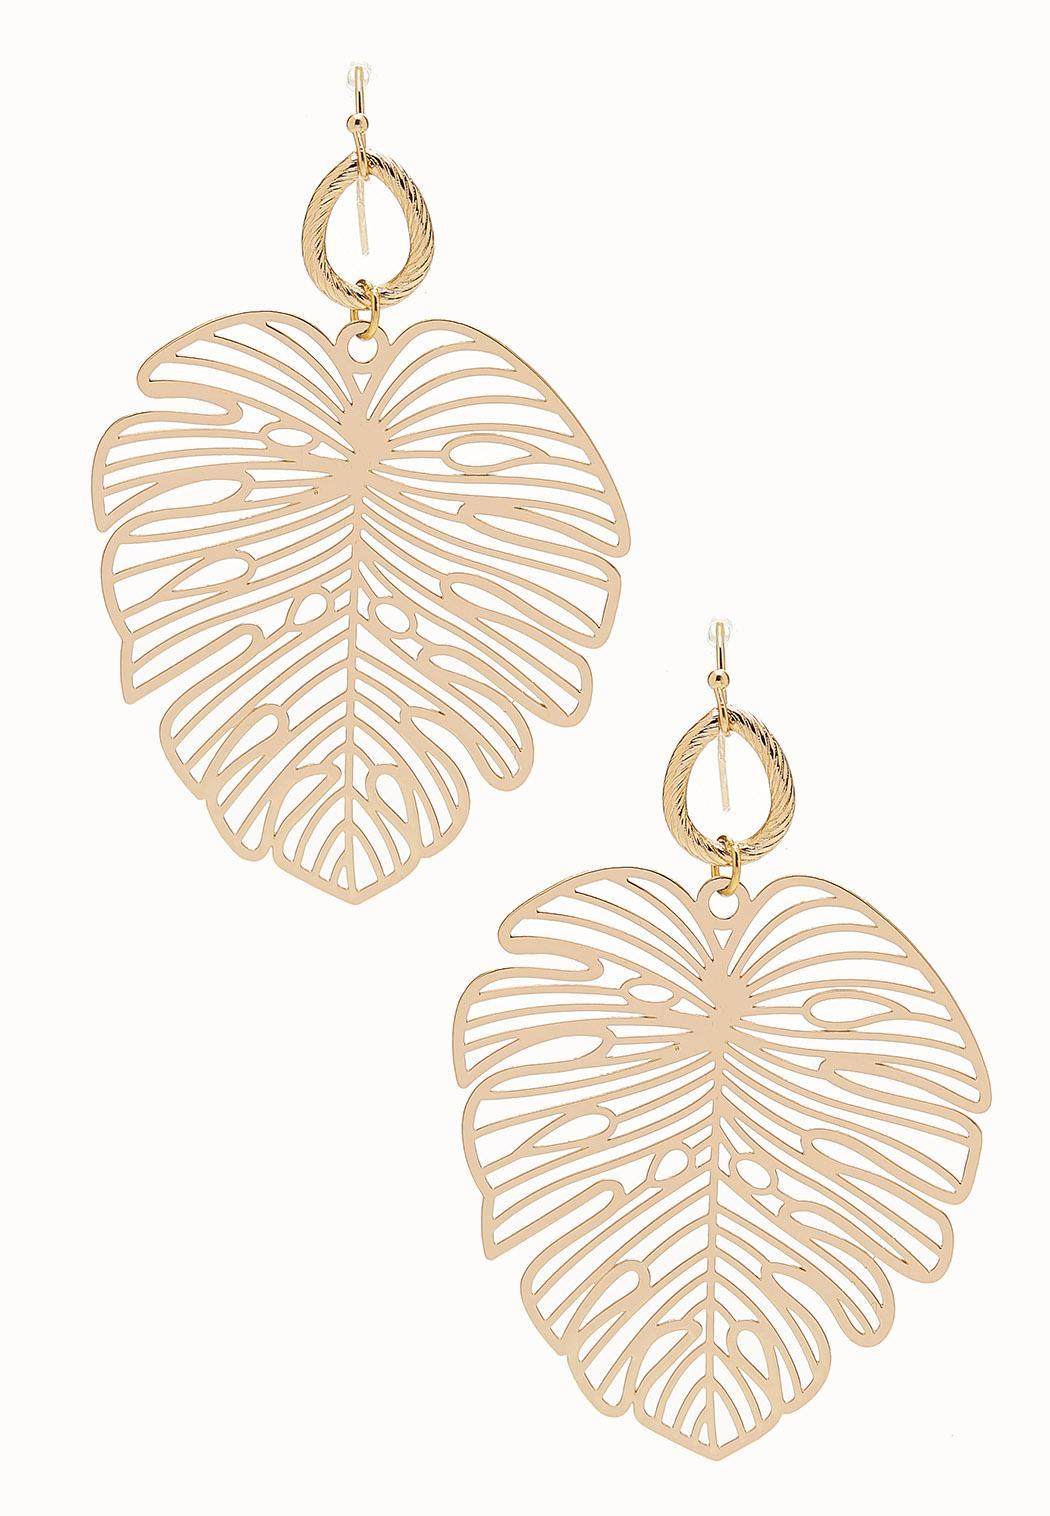 Gold Laser Cut Leaf Earrings